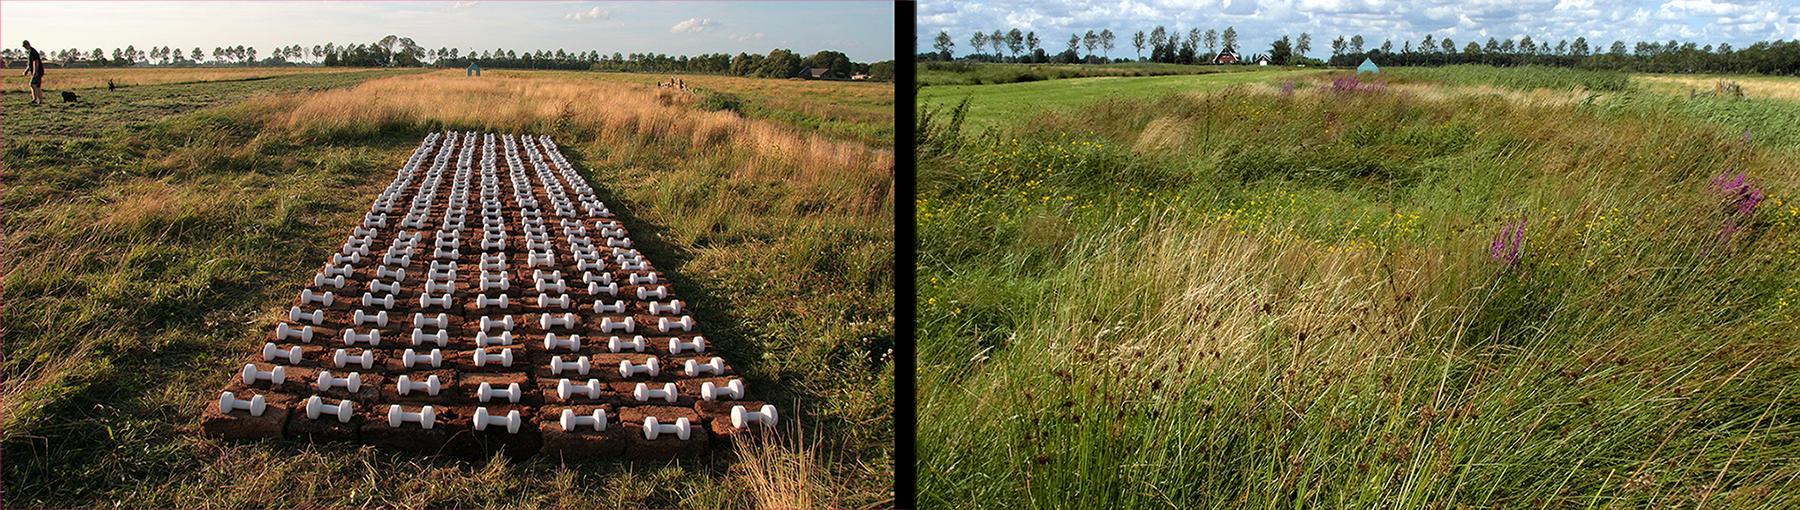 2012-07-30 Repaet verval 15-07-2009 - 30-07-2012-1800pix